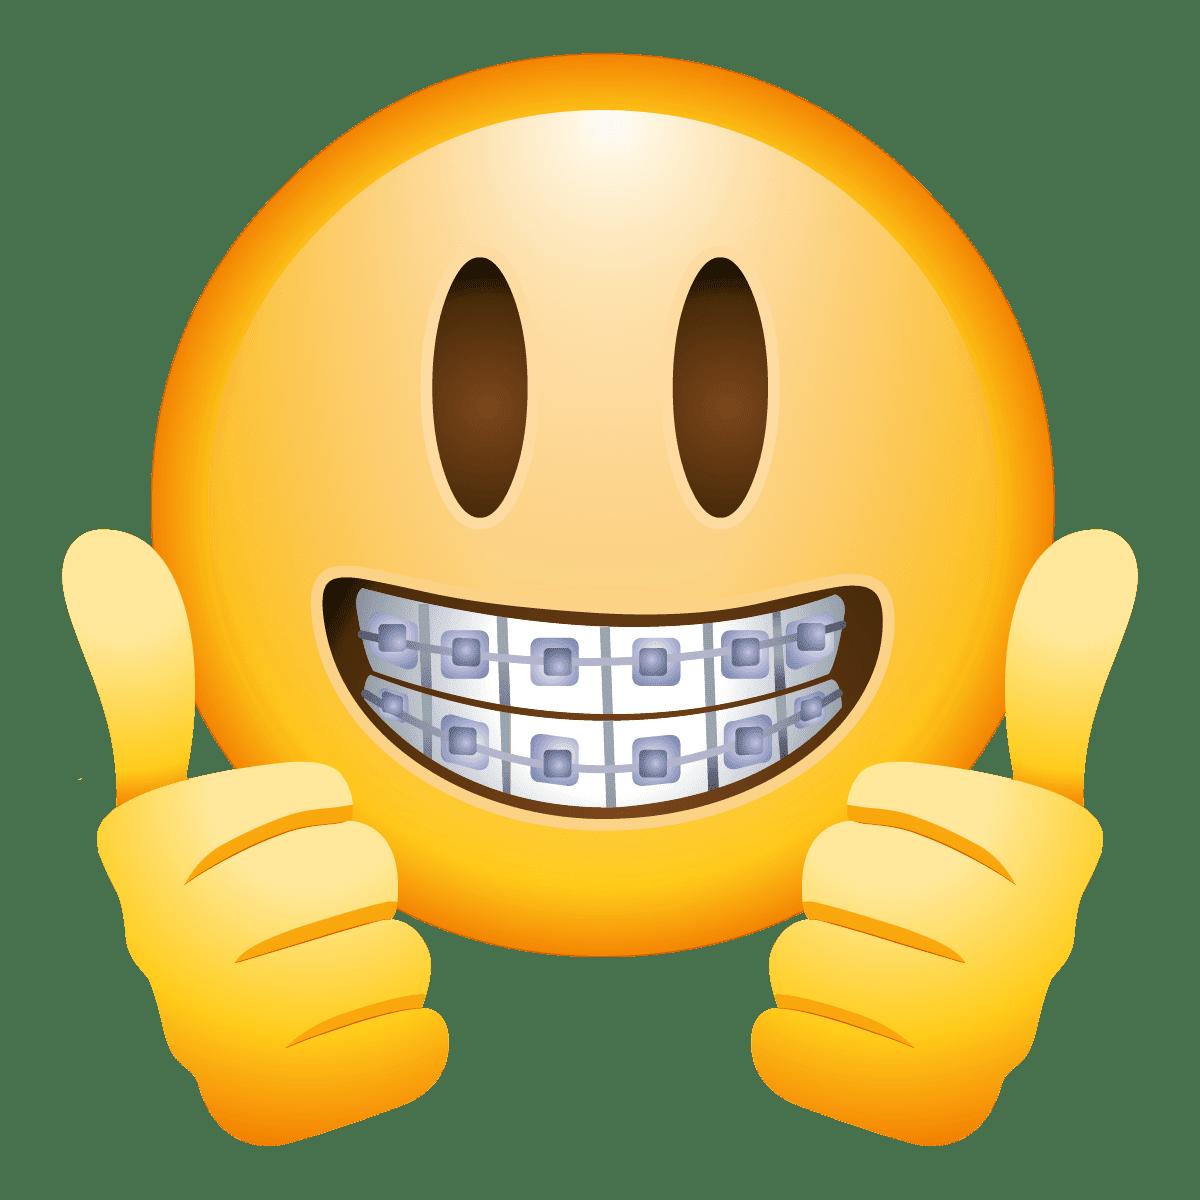 Netlingo com smiley cfm